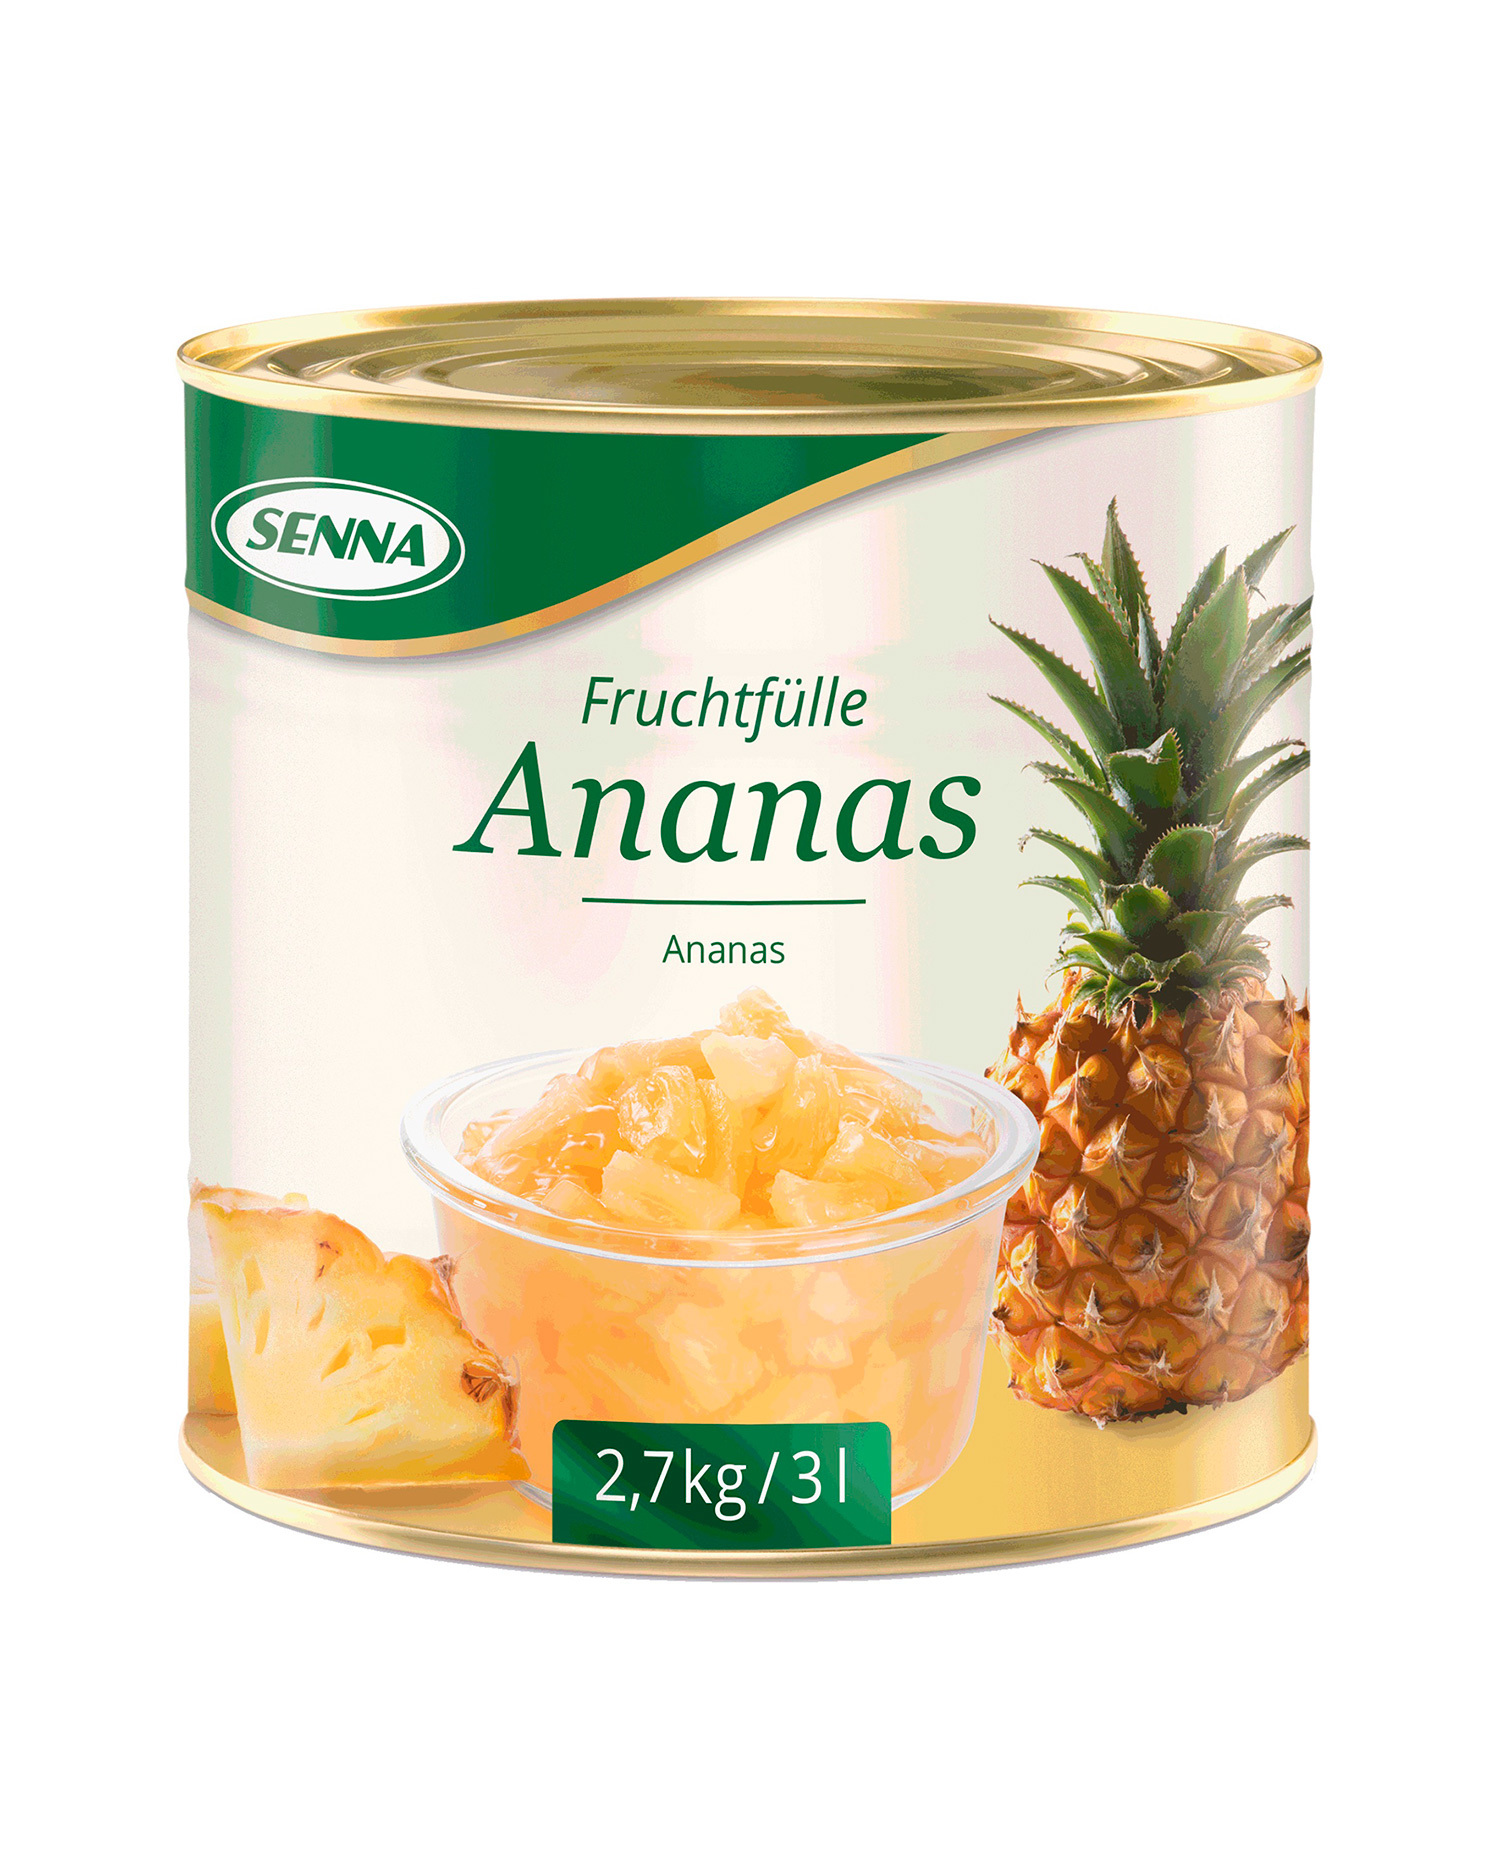 1249135 Senna Ananas Fruchtfuelle 3L